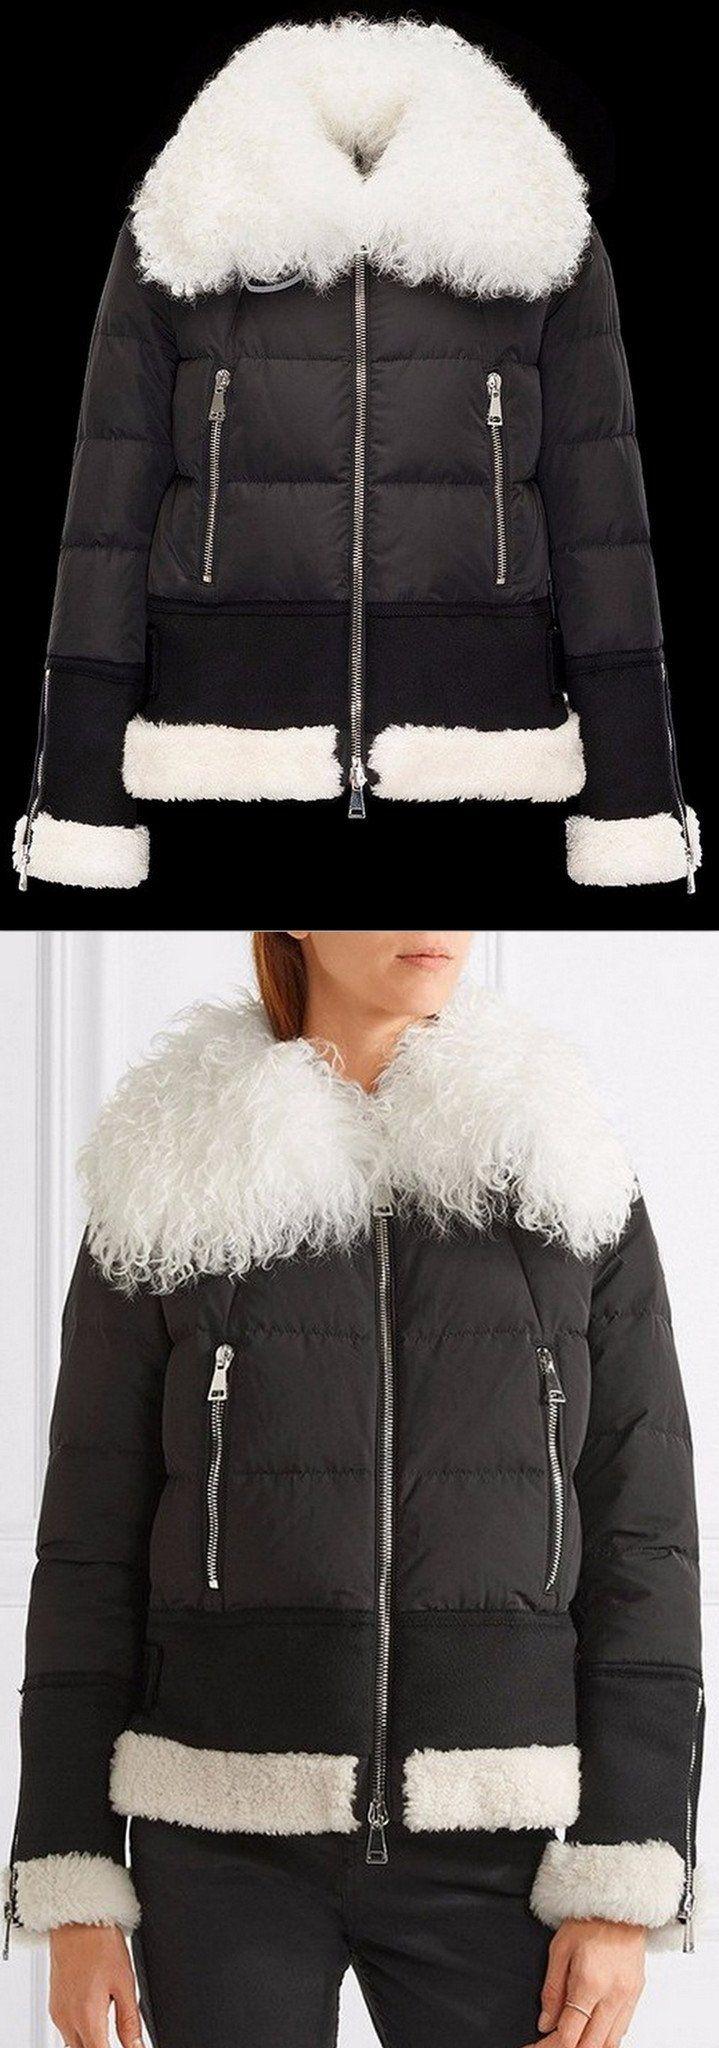 'Kikilya' Fur Trim Puffer Down Jacket